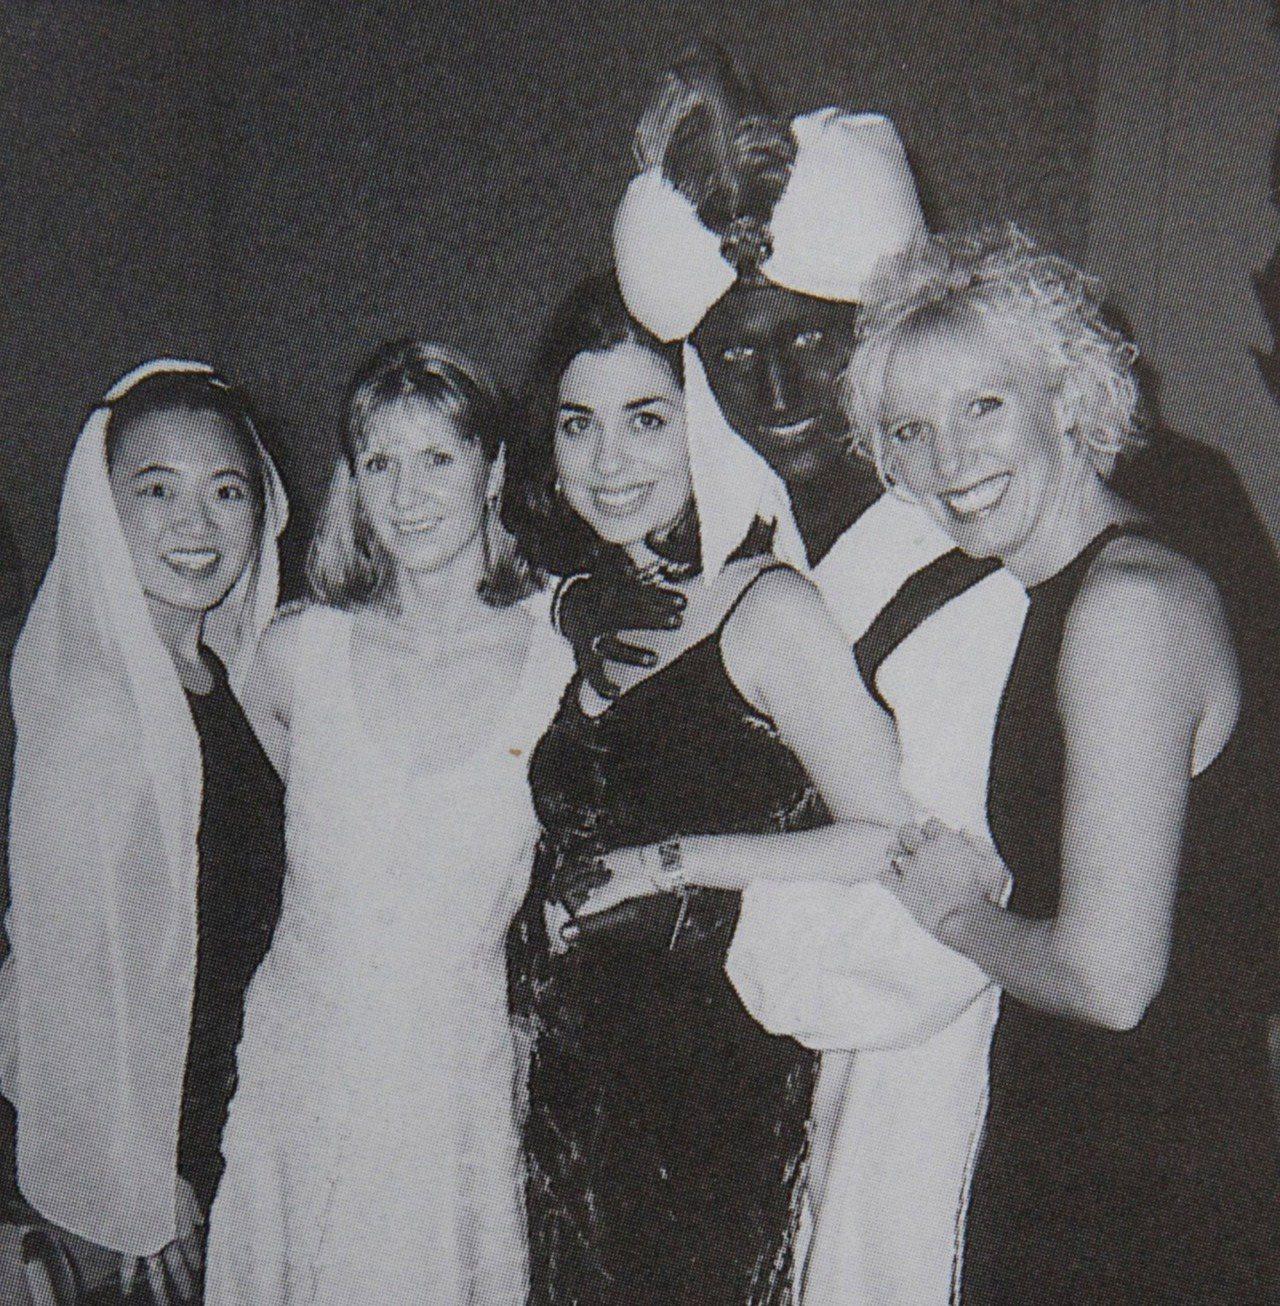 時代雜誌挖出加拿大總理杜魯多一張近20年前的「黑臉照」,當時他出席任職私校的「阿...